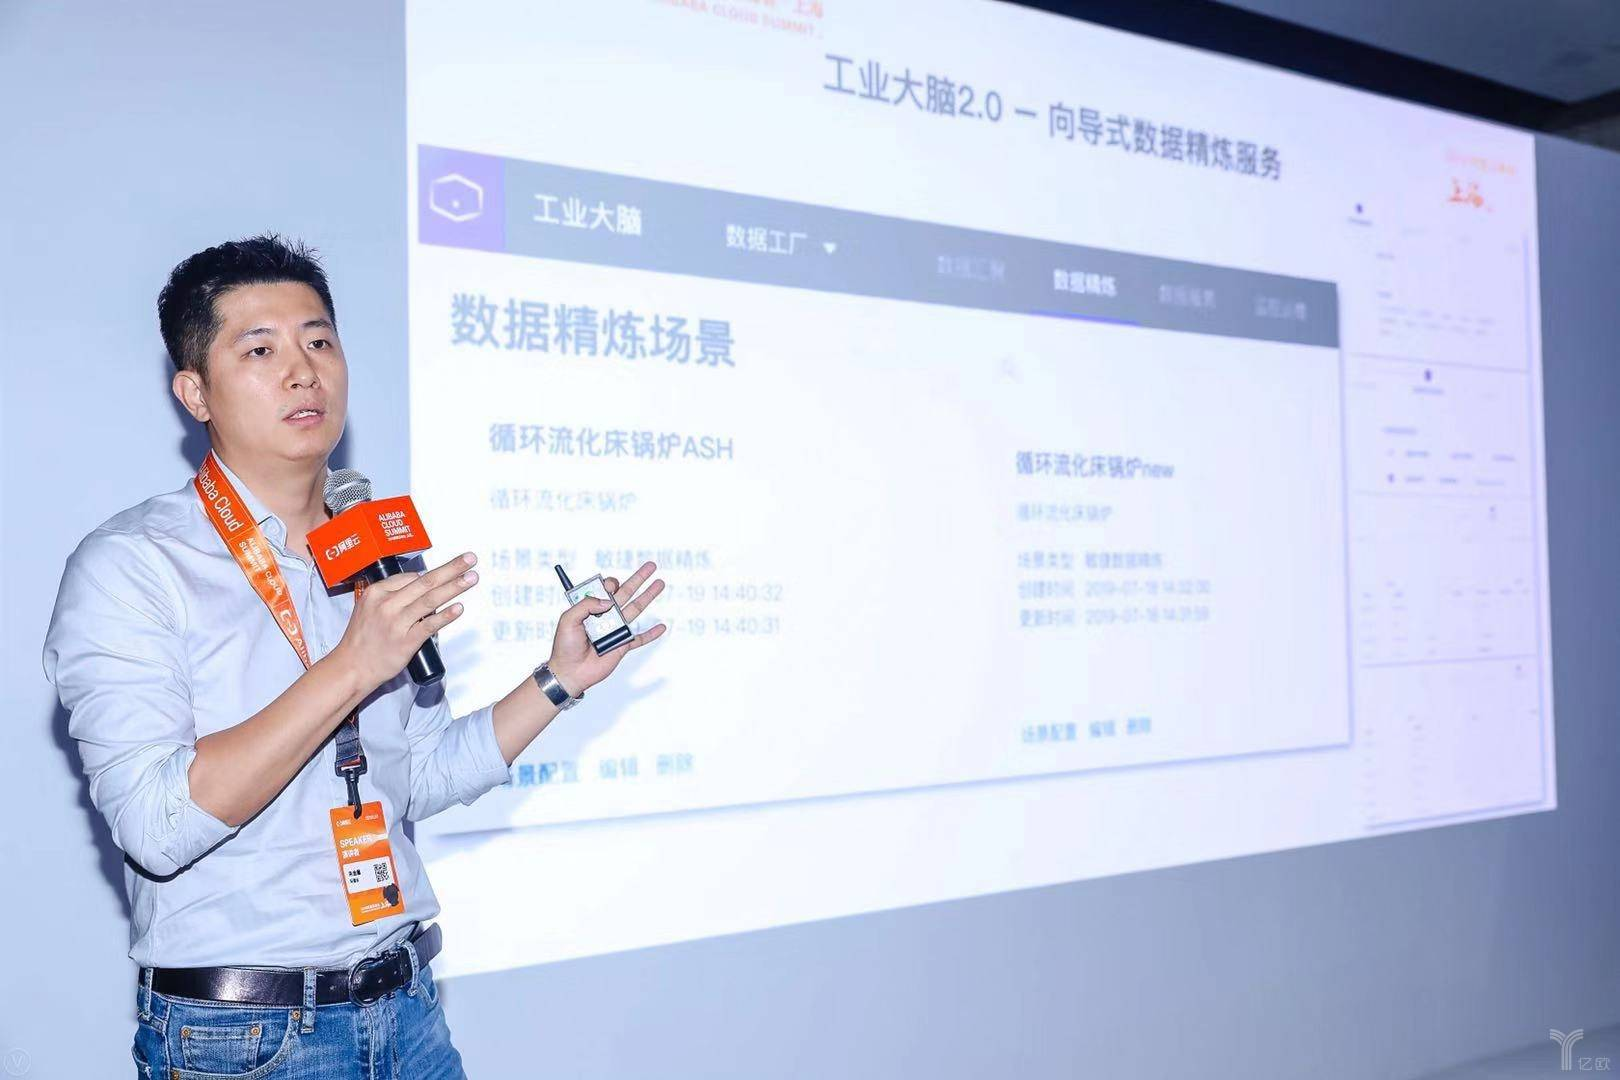 阿里云数据智能产品事业产品总监朱金童